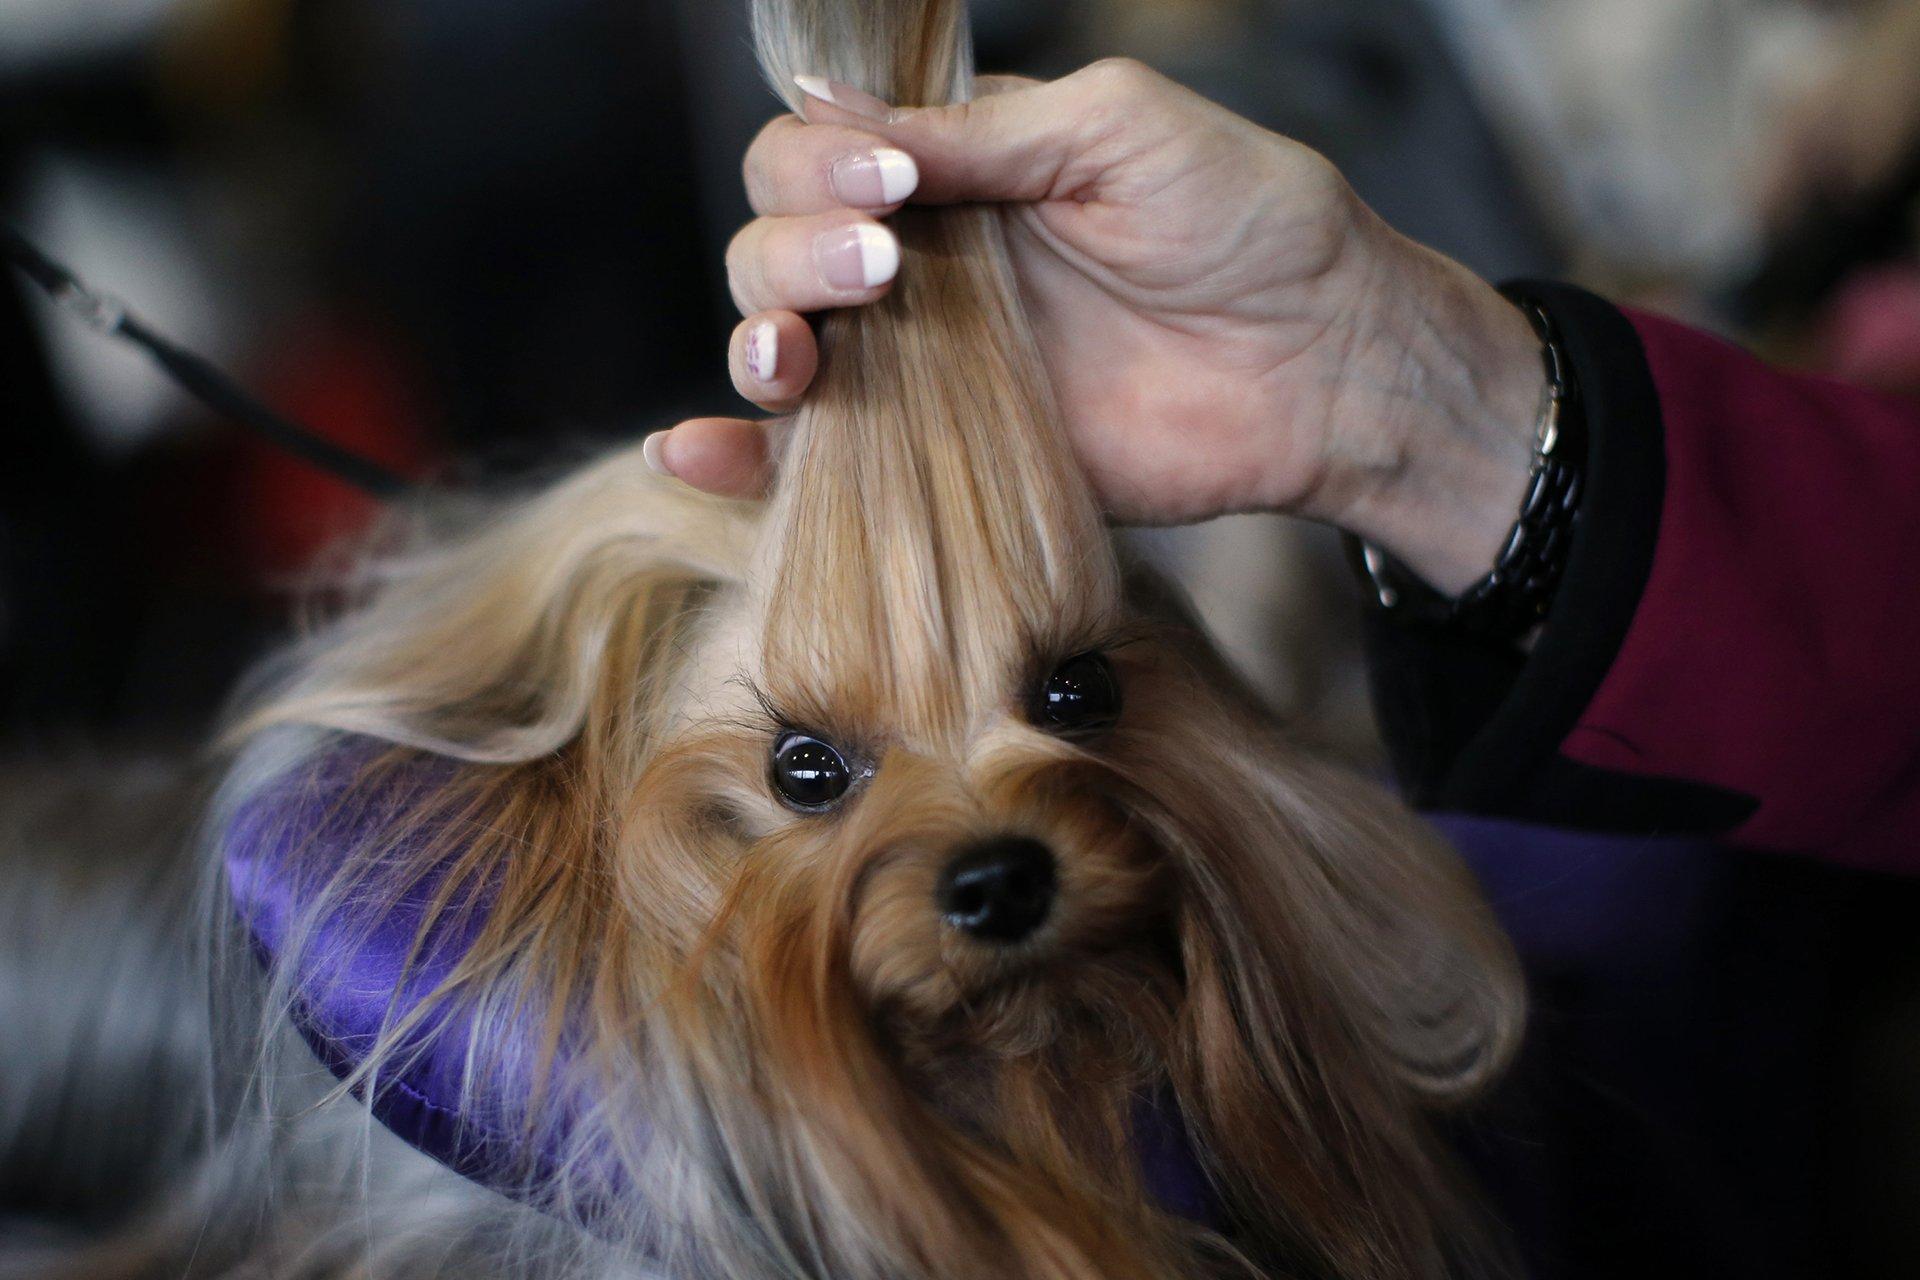 La exhibición, que se desarrolló los días 15 y 16 de febrero, reunió a 2.711 perros en diferentes categorías